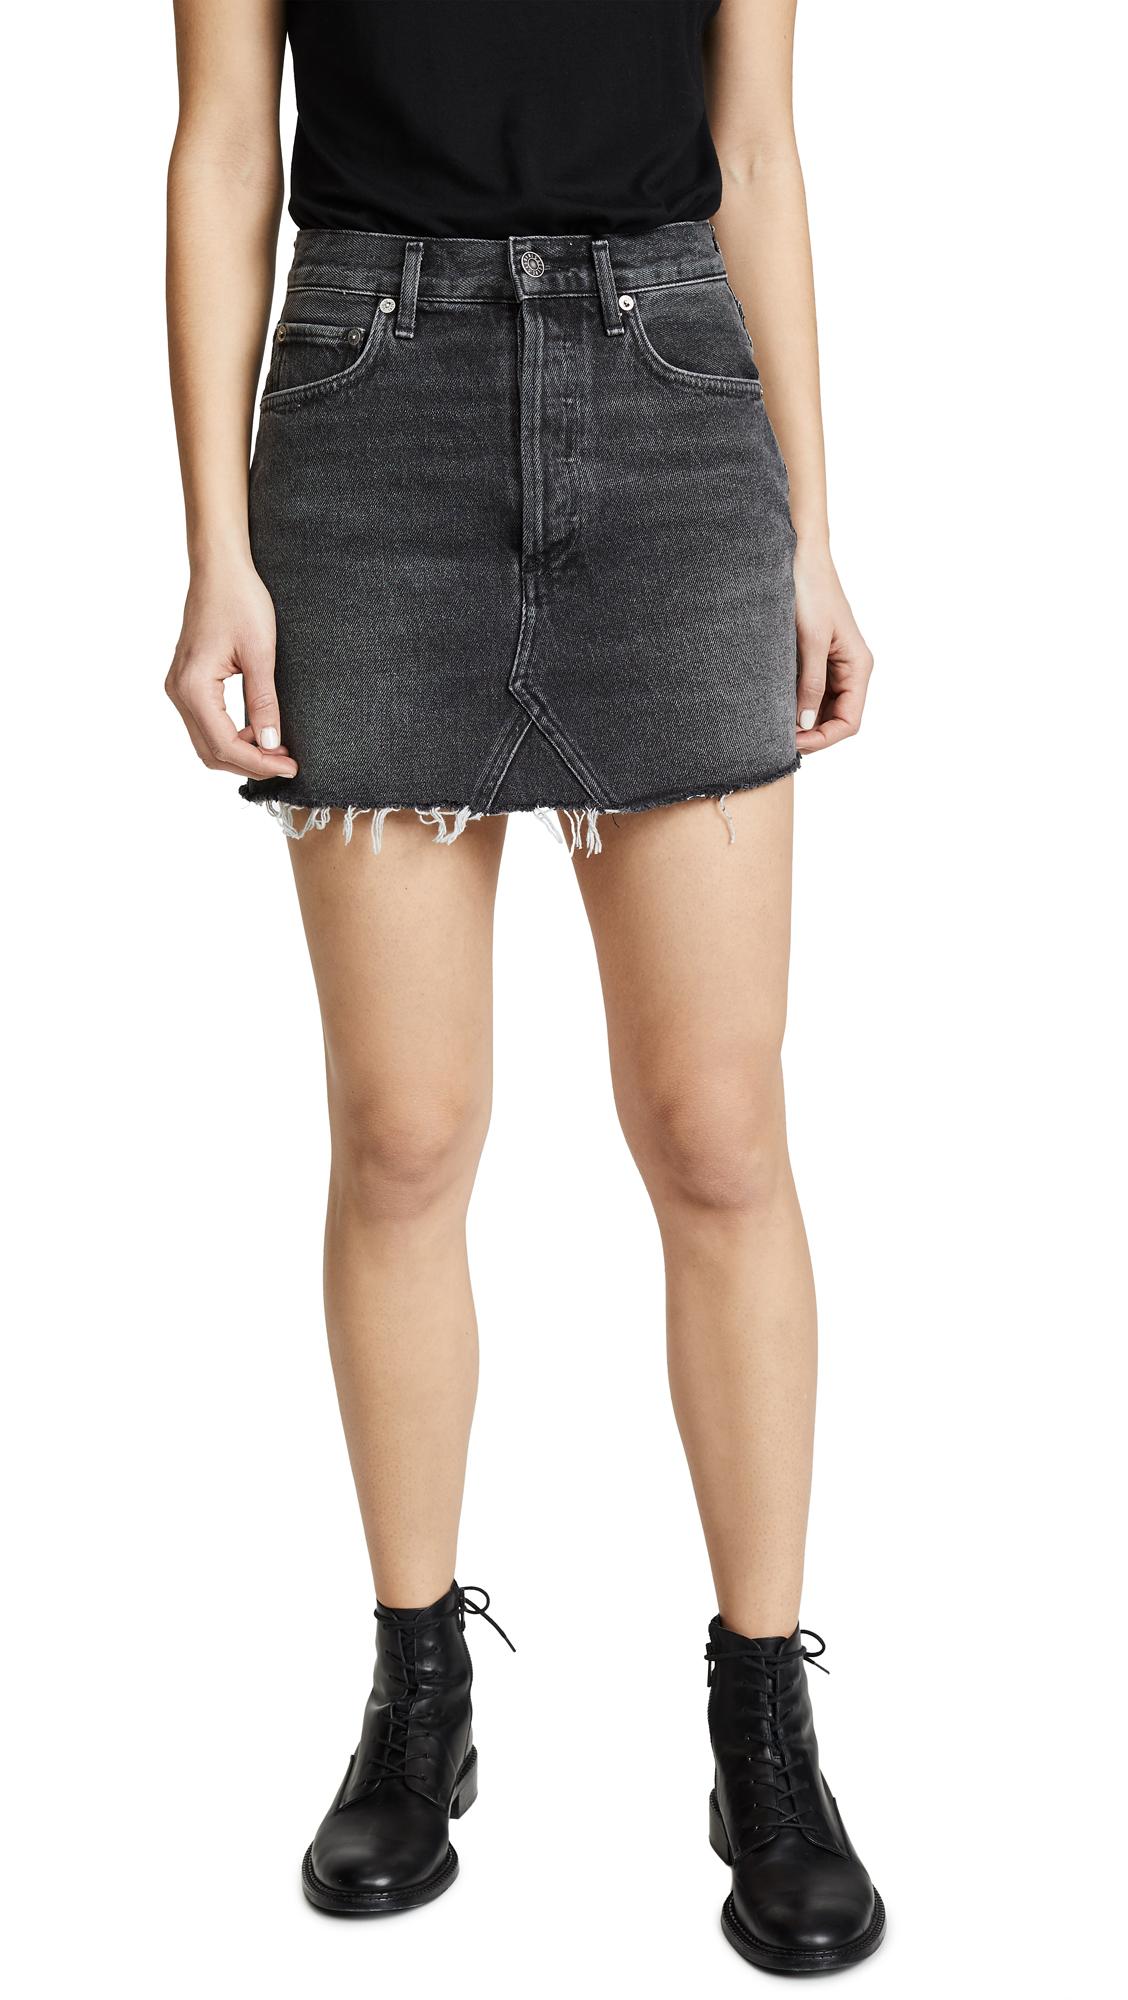 AGOLDE Quinn Miniskirt - Jinx